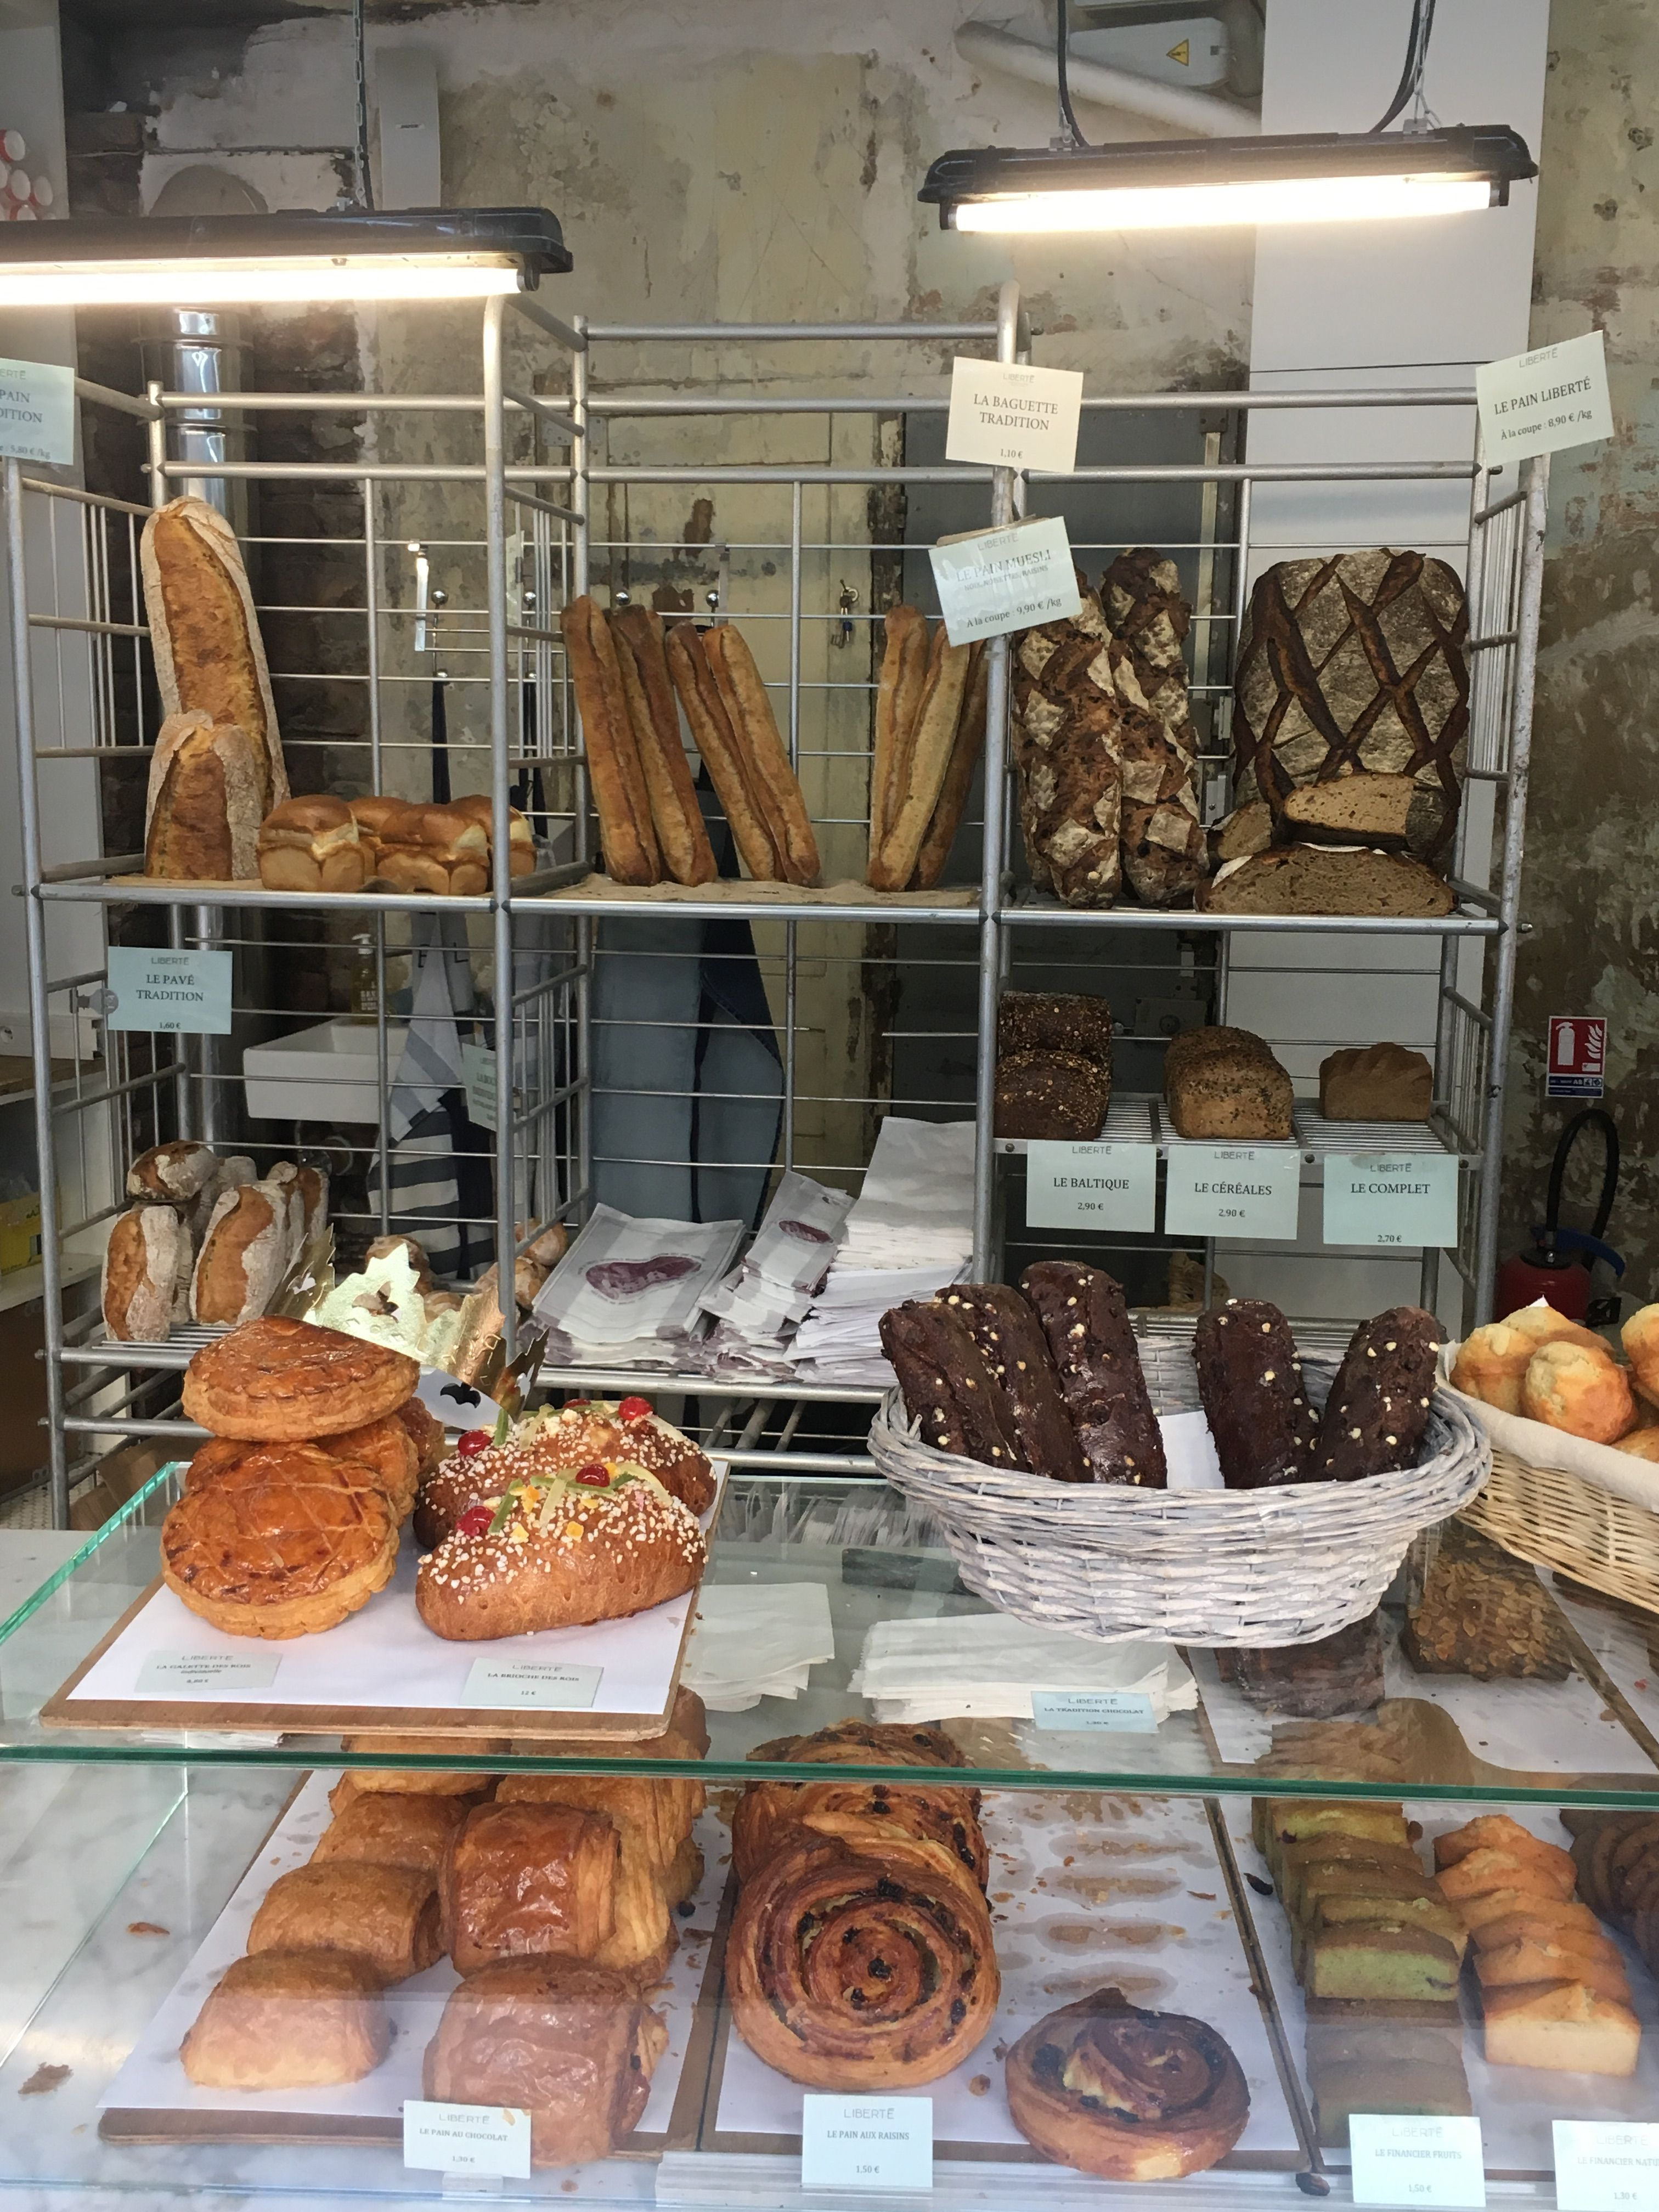 Bakery on Rue de Vinaigriers